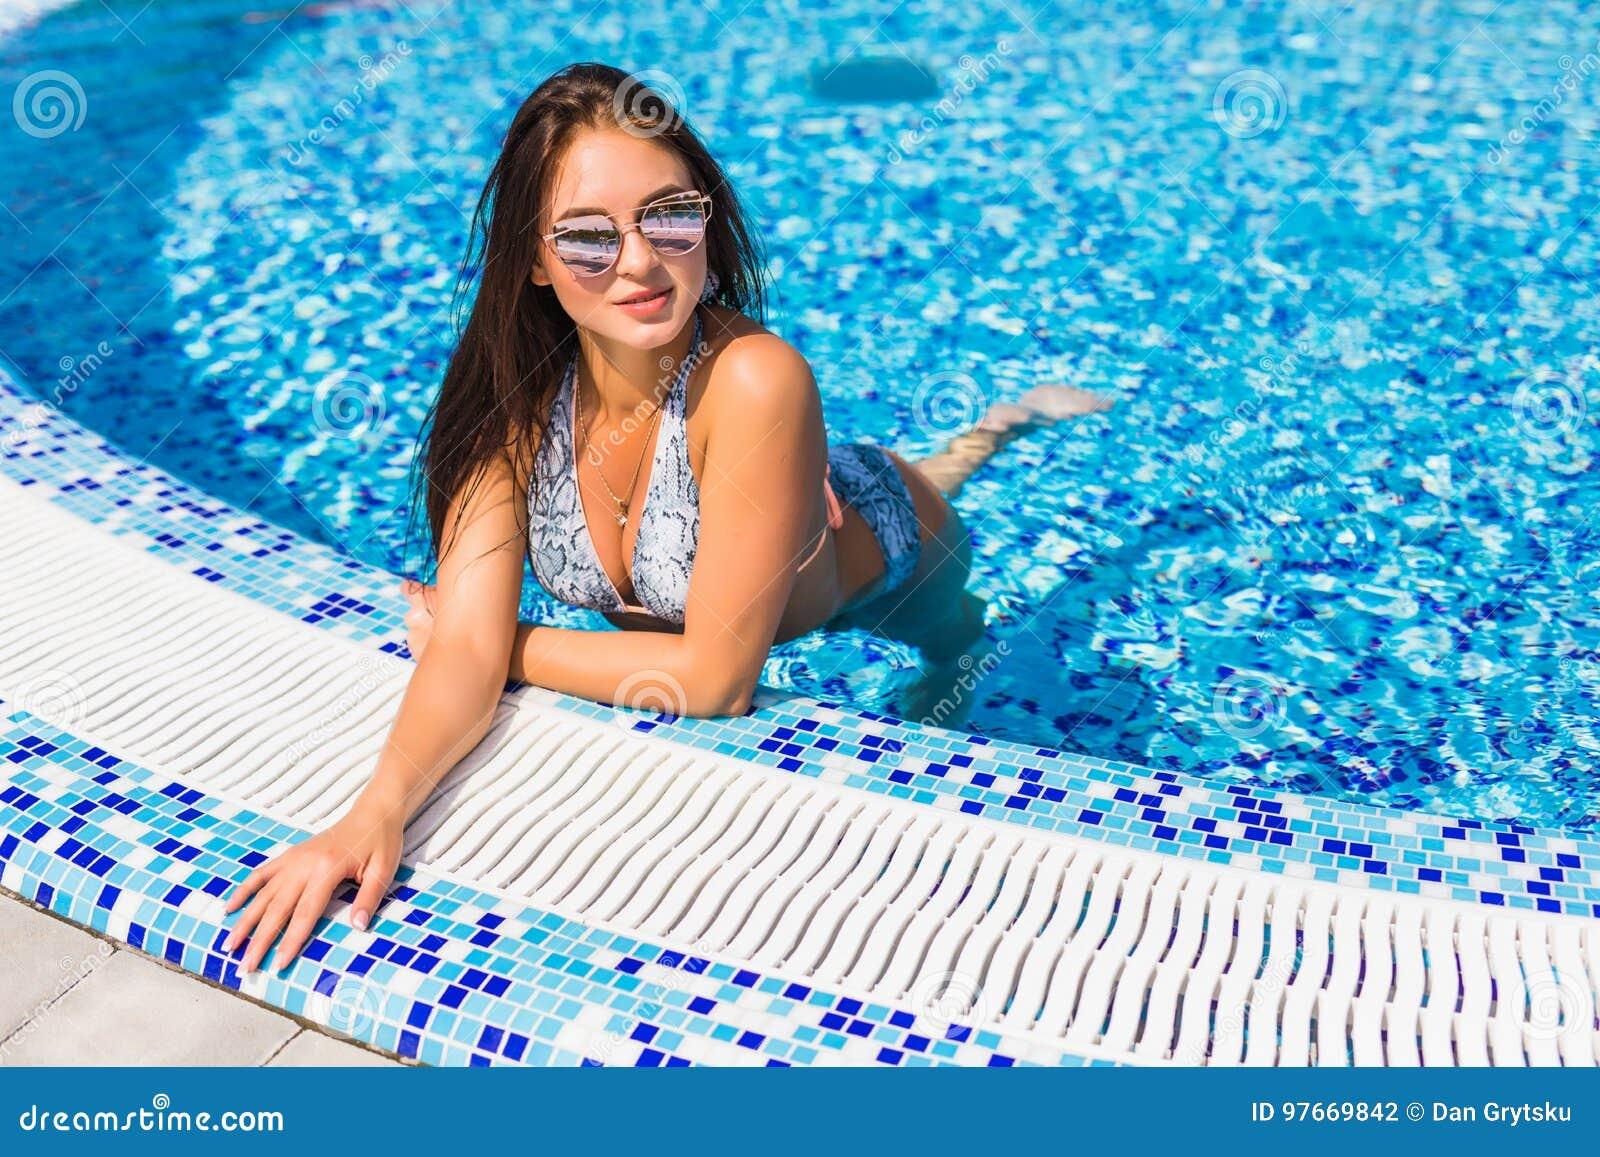 aa08c42c6 woman with perfect curvy body shape in fashionable bikini swimwear relaxing  at swimming pool edge.